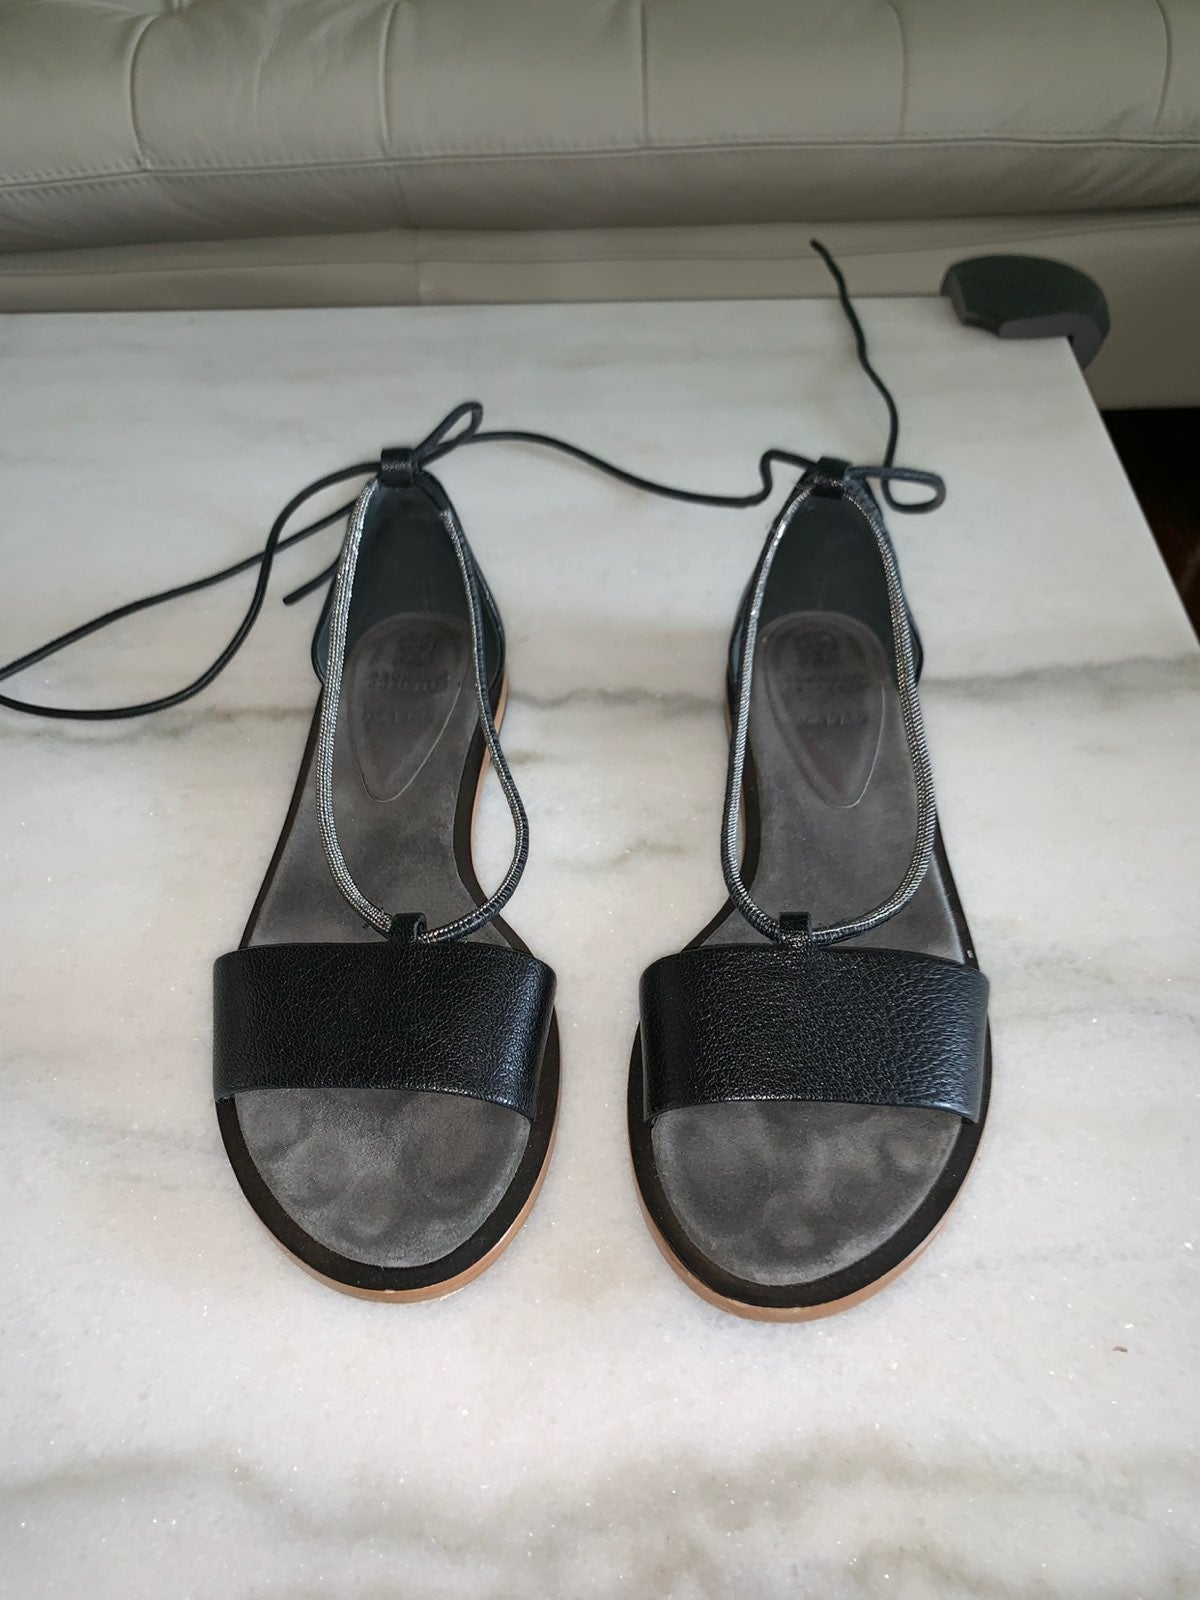 Sandals size 9.5- Brunello Cucinelli